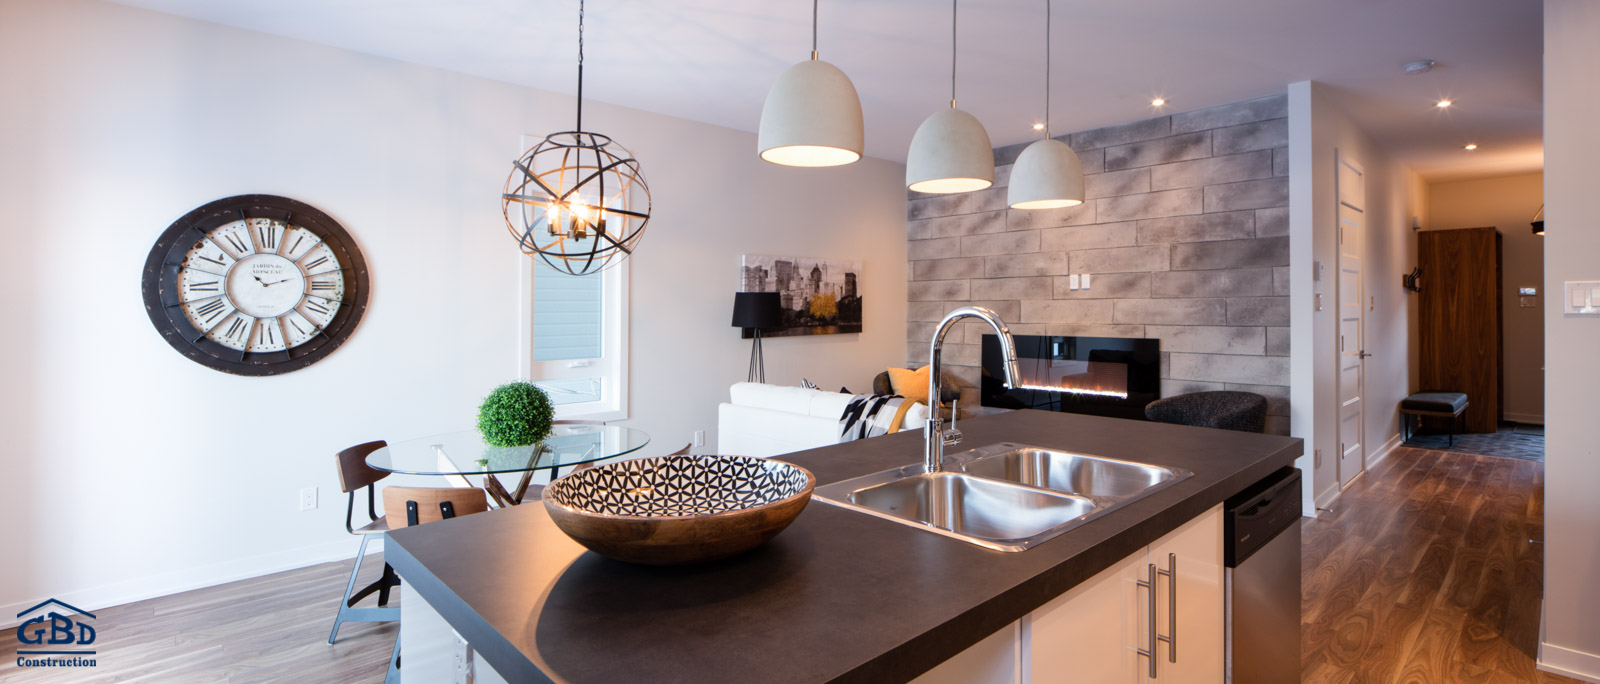 Maisons de ville neuves montreal maison moderne for Maison moderne montreal